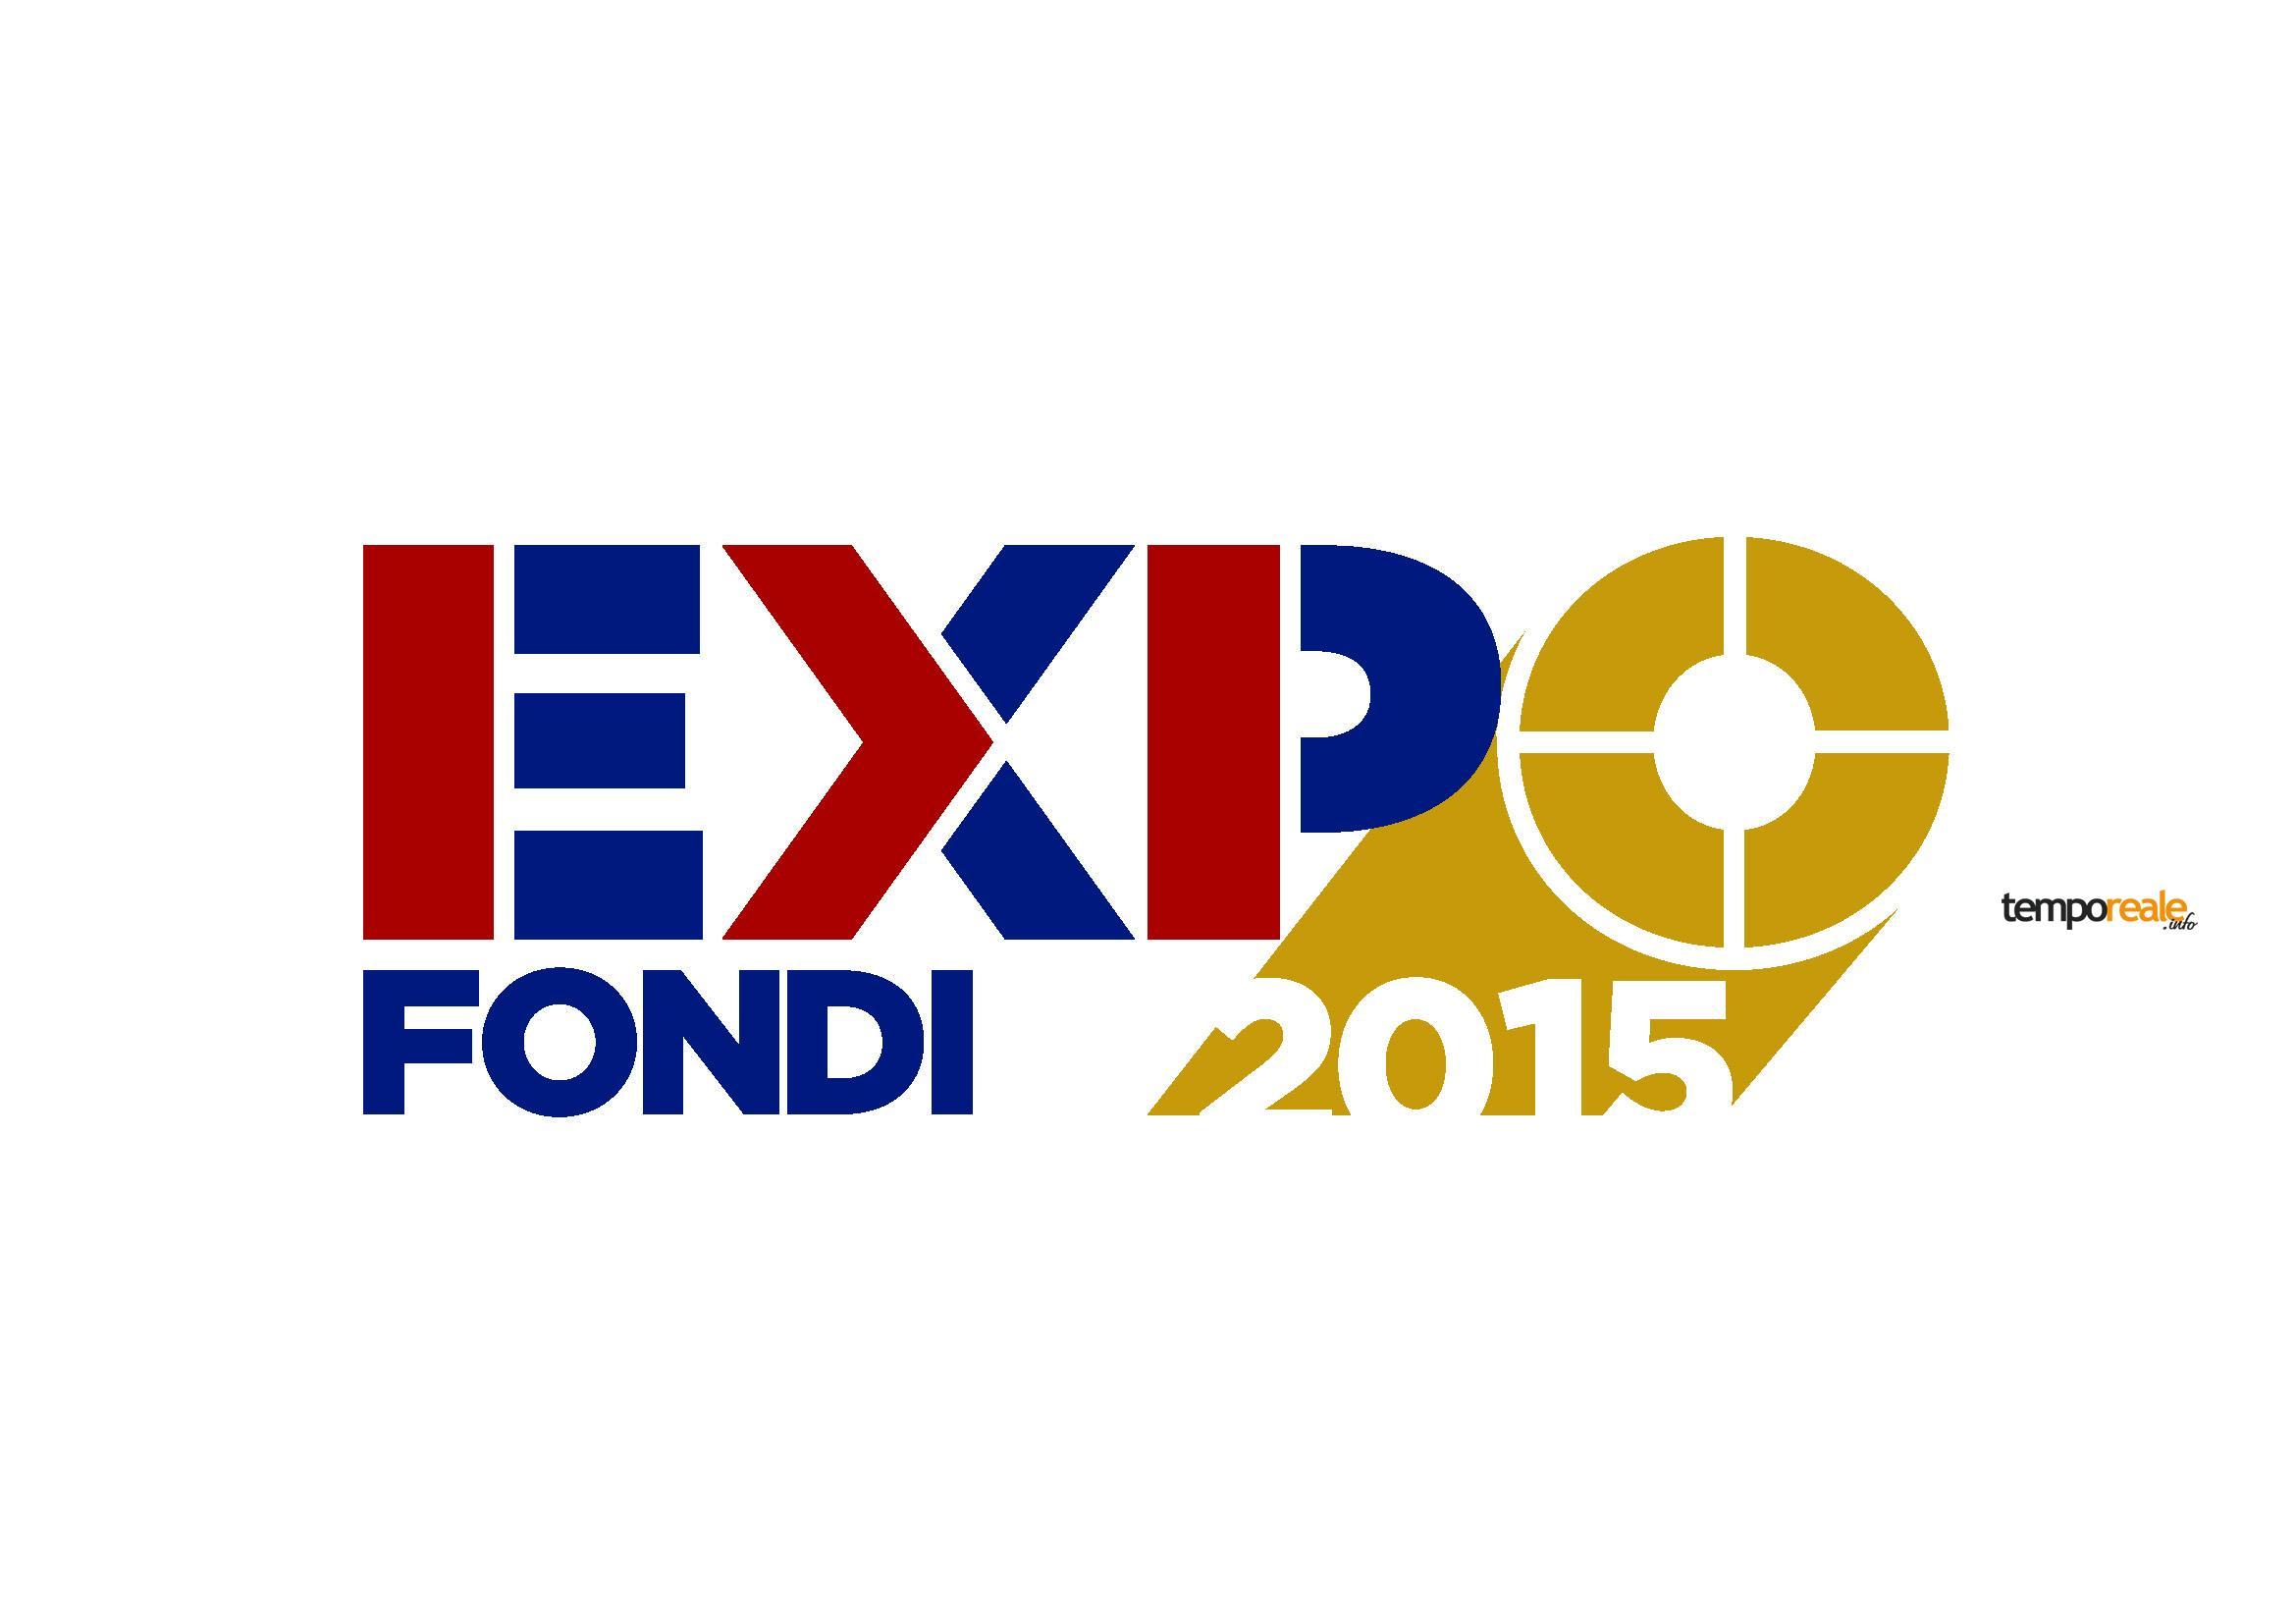 Il logo di Fondi Expo 2015